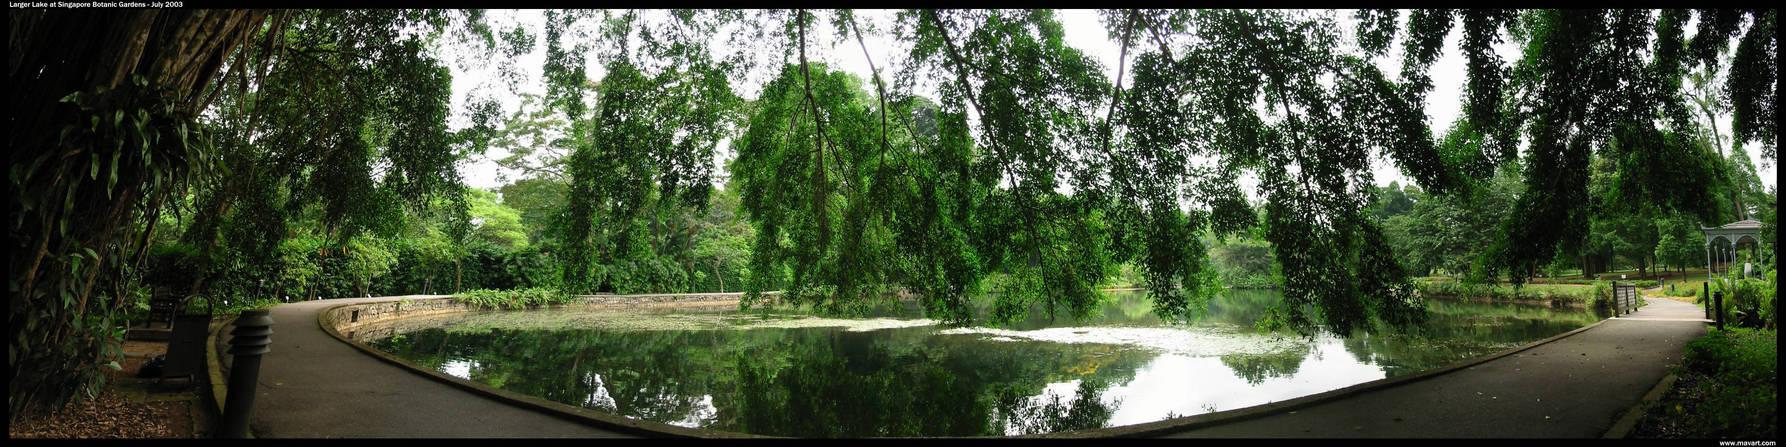 Larger Lake 01